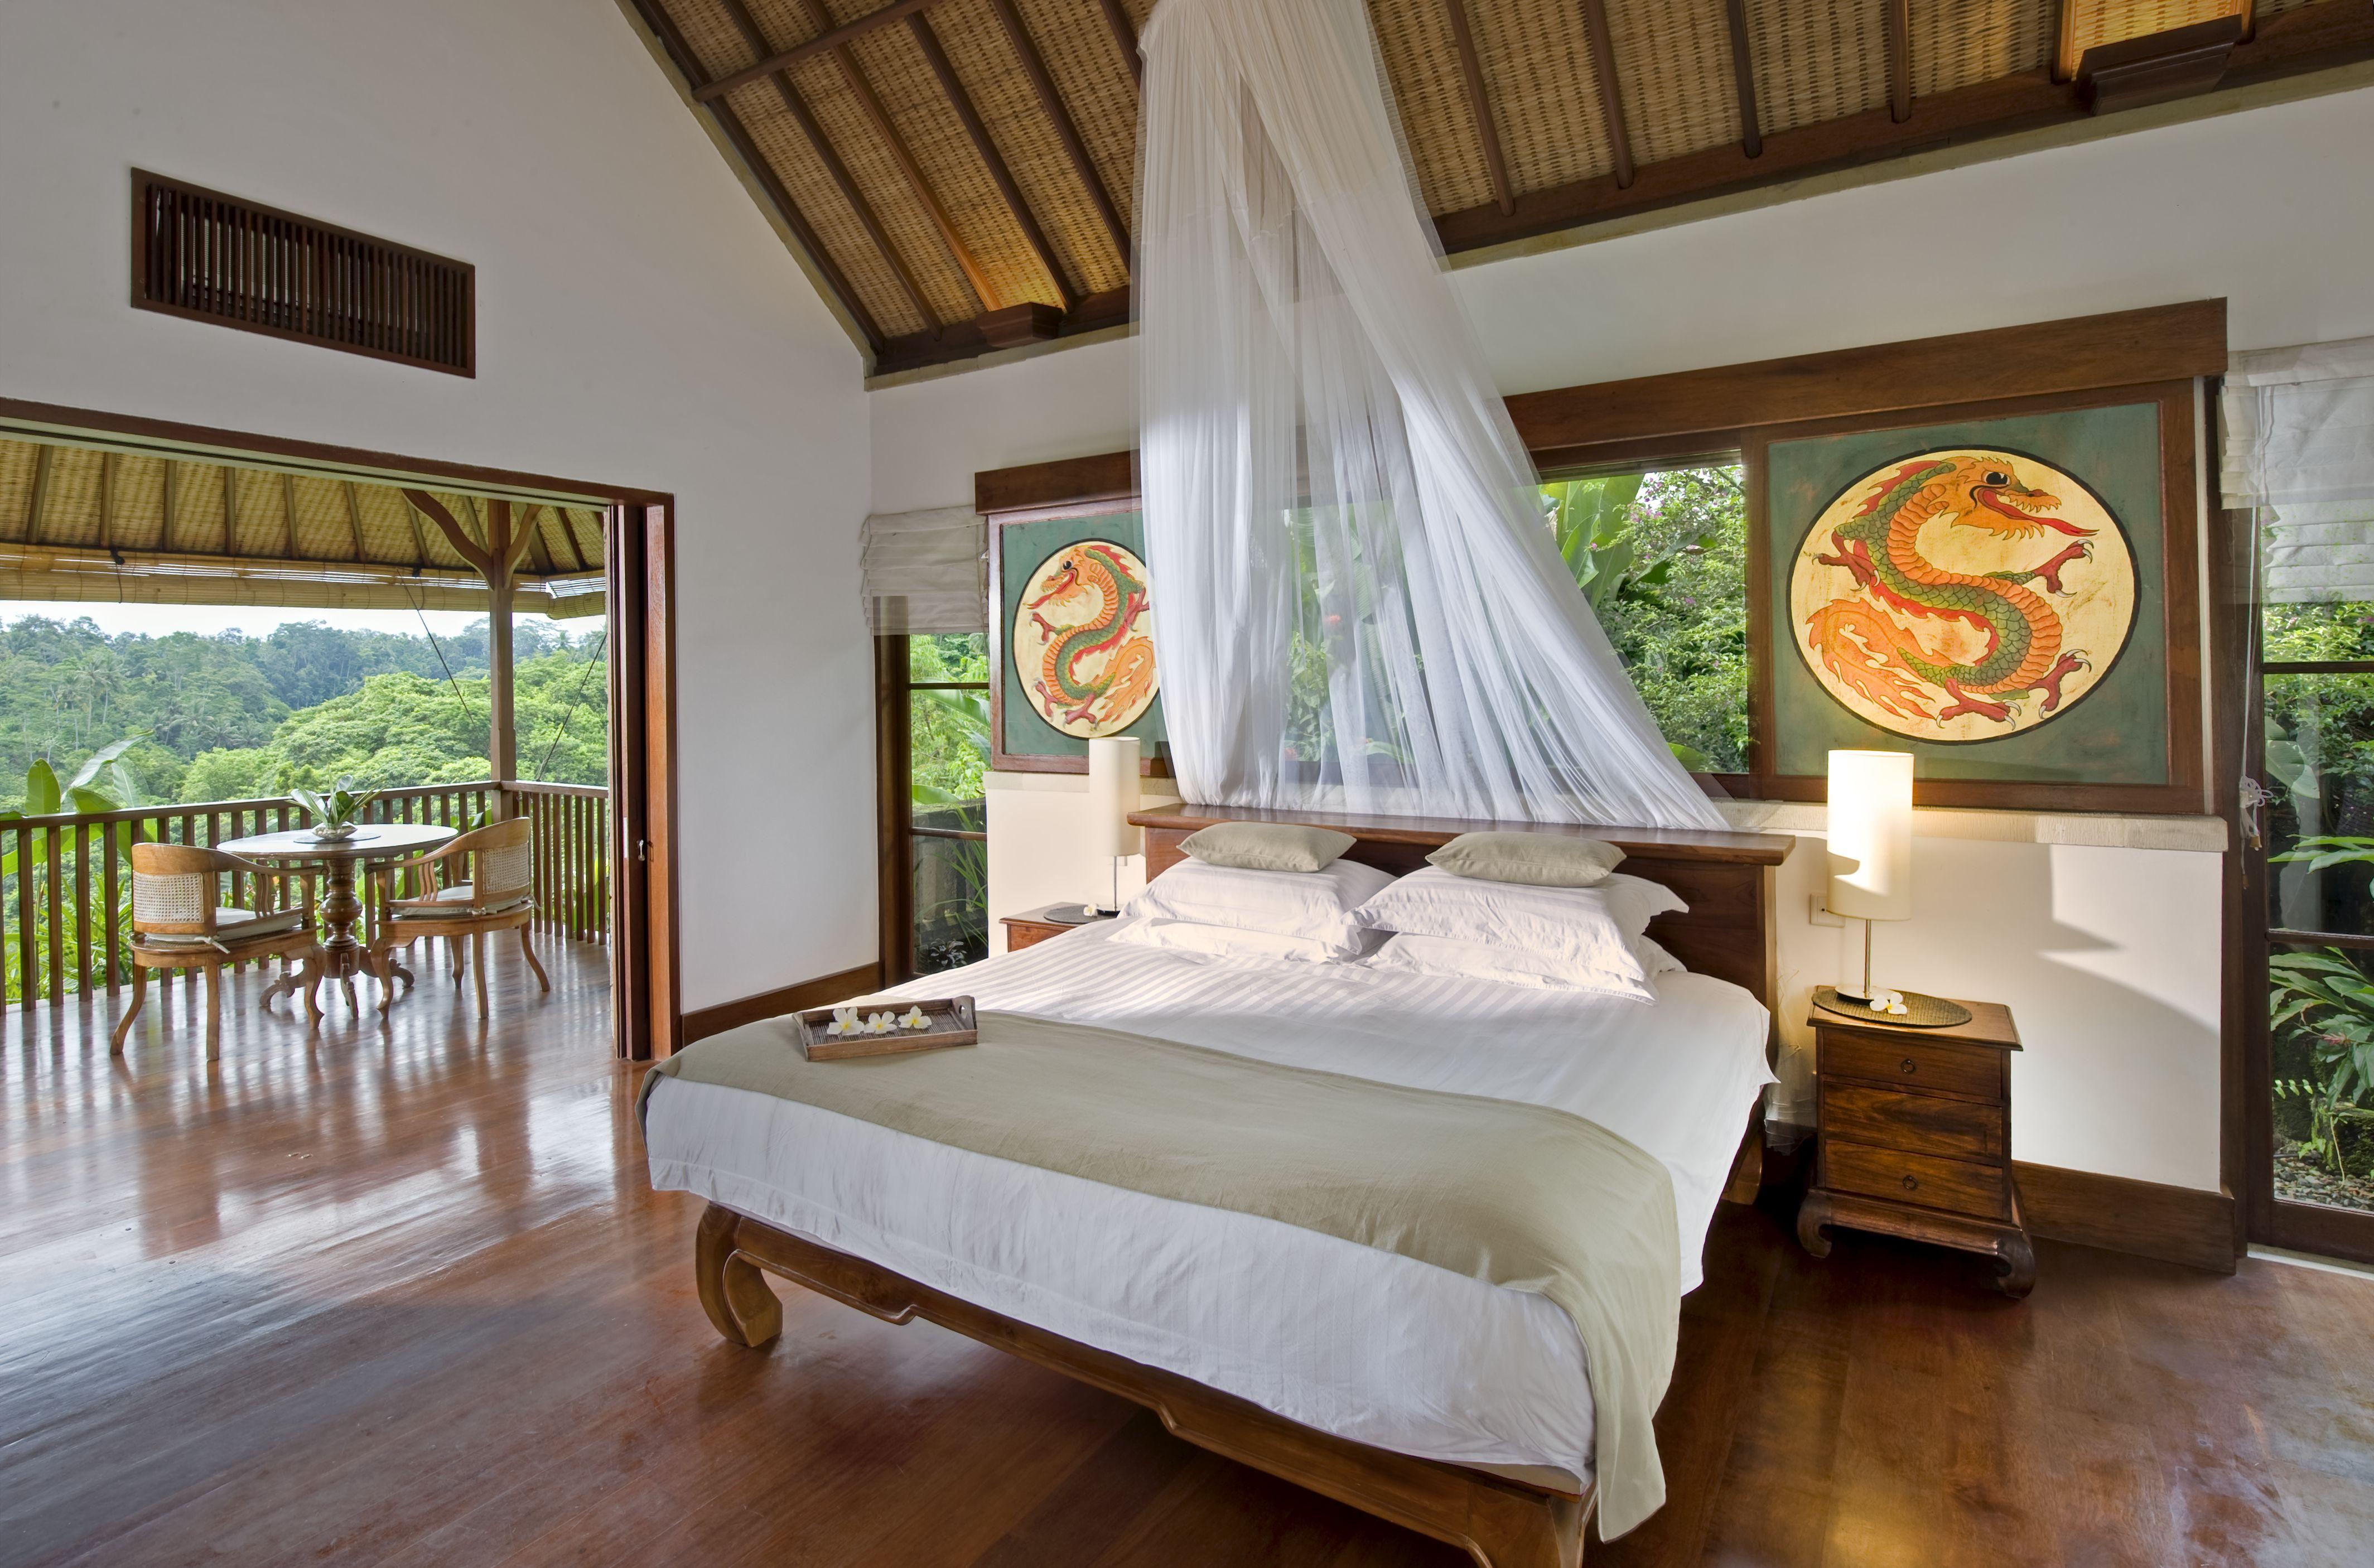 هتل های منطقه عبود بالی